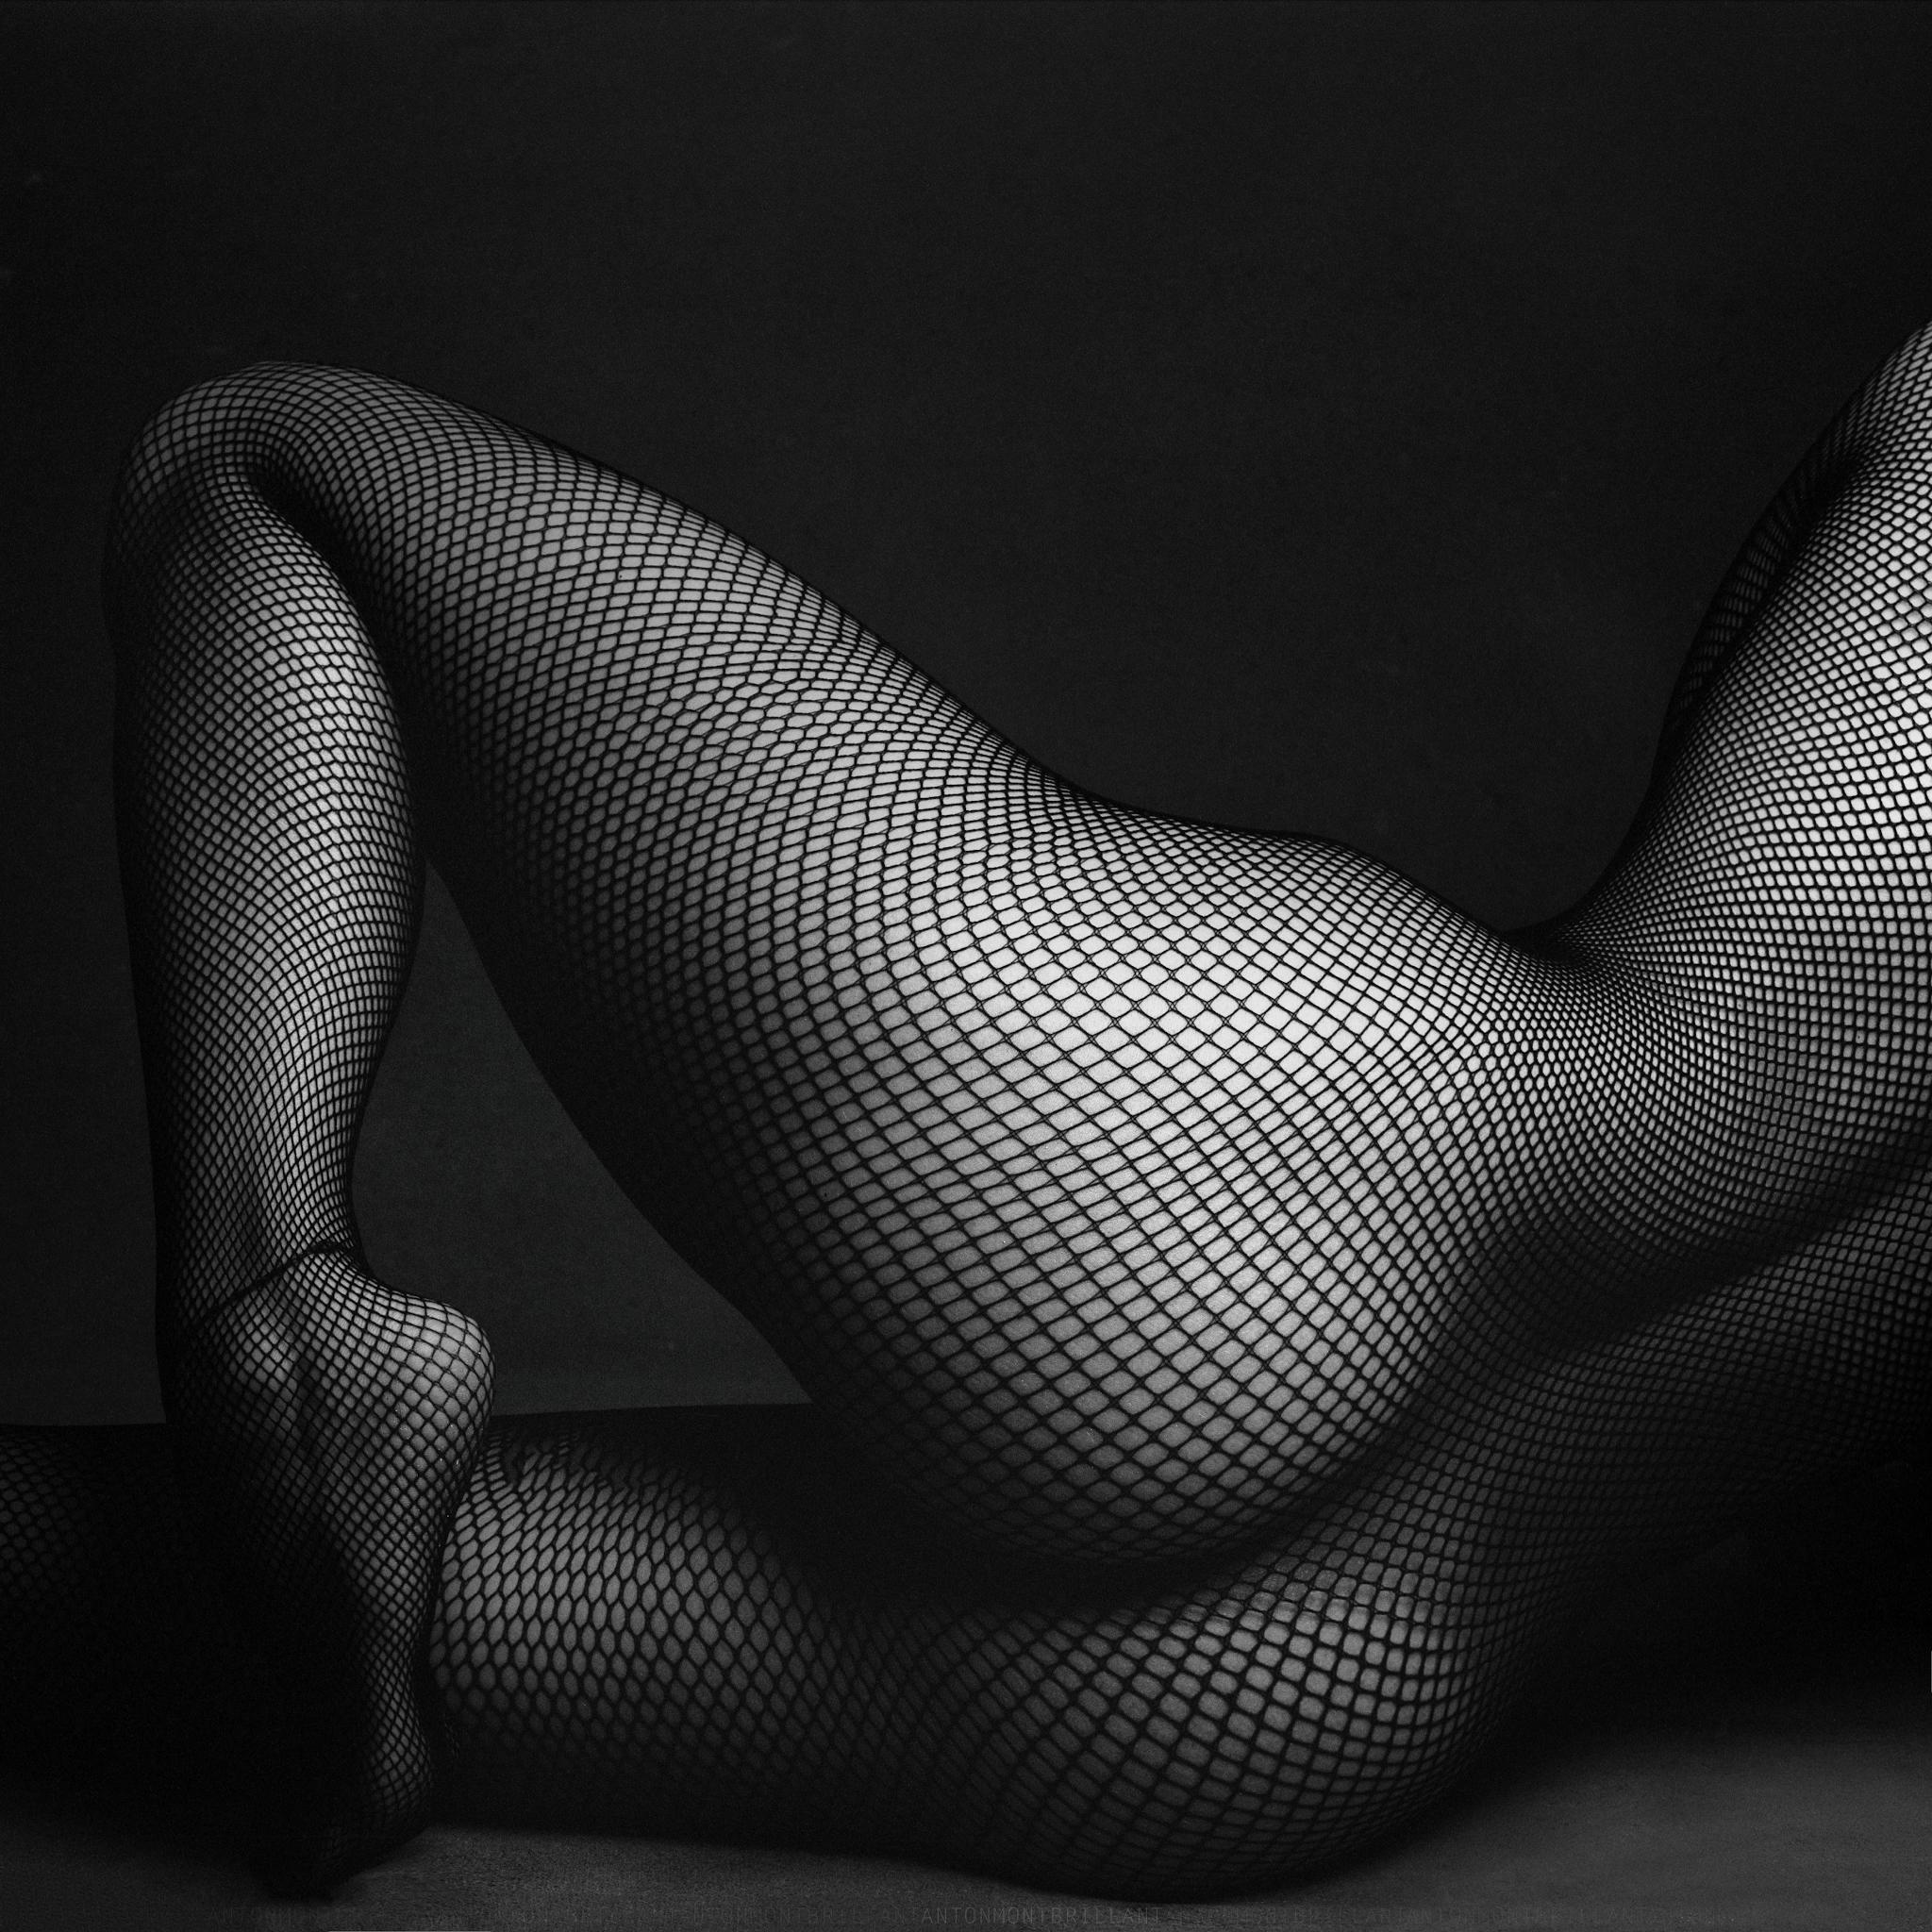 Незнакомка в сетке / Anton Montbrillant